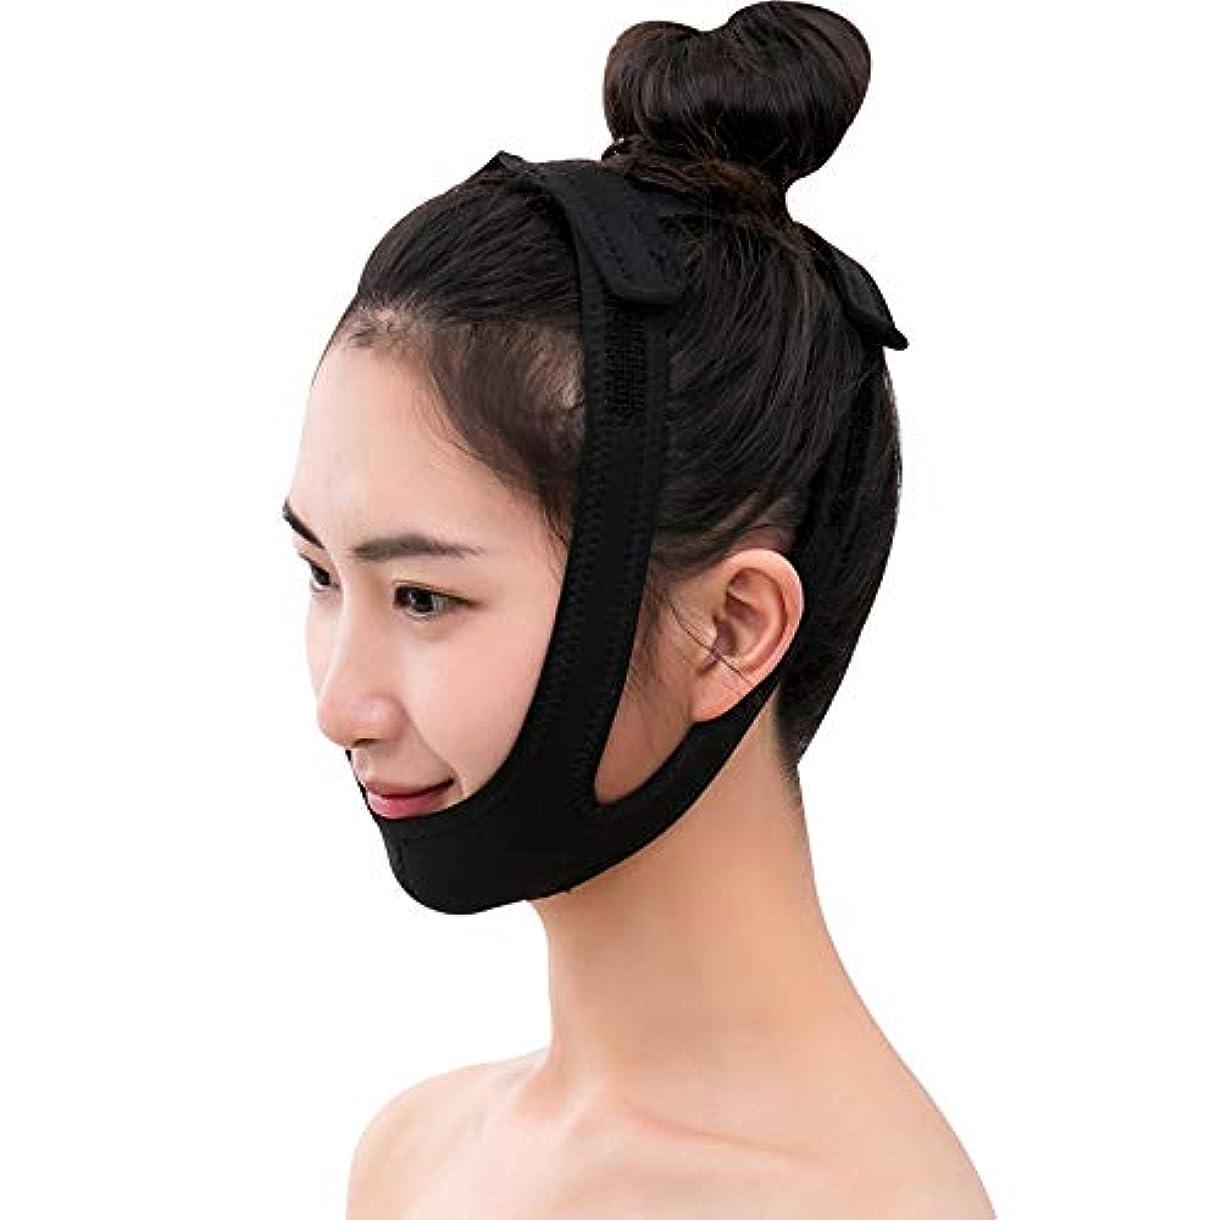 適切に規模パターン薄いフェイスバンド - 薄い顔の包帯ビューティーインストゥルメントフェイシャルリフト睡眠マスク法Vフェイスマスクの通気性を作る 美しさ